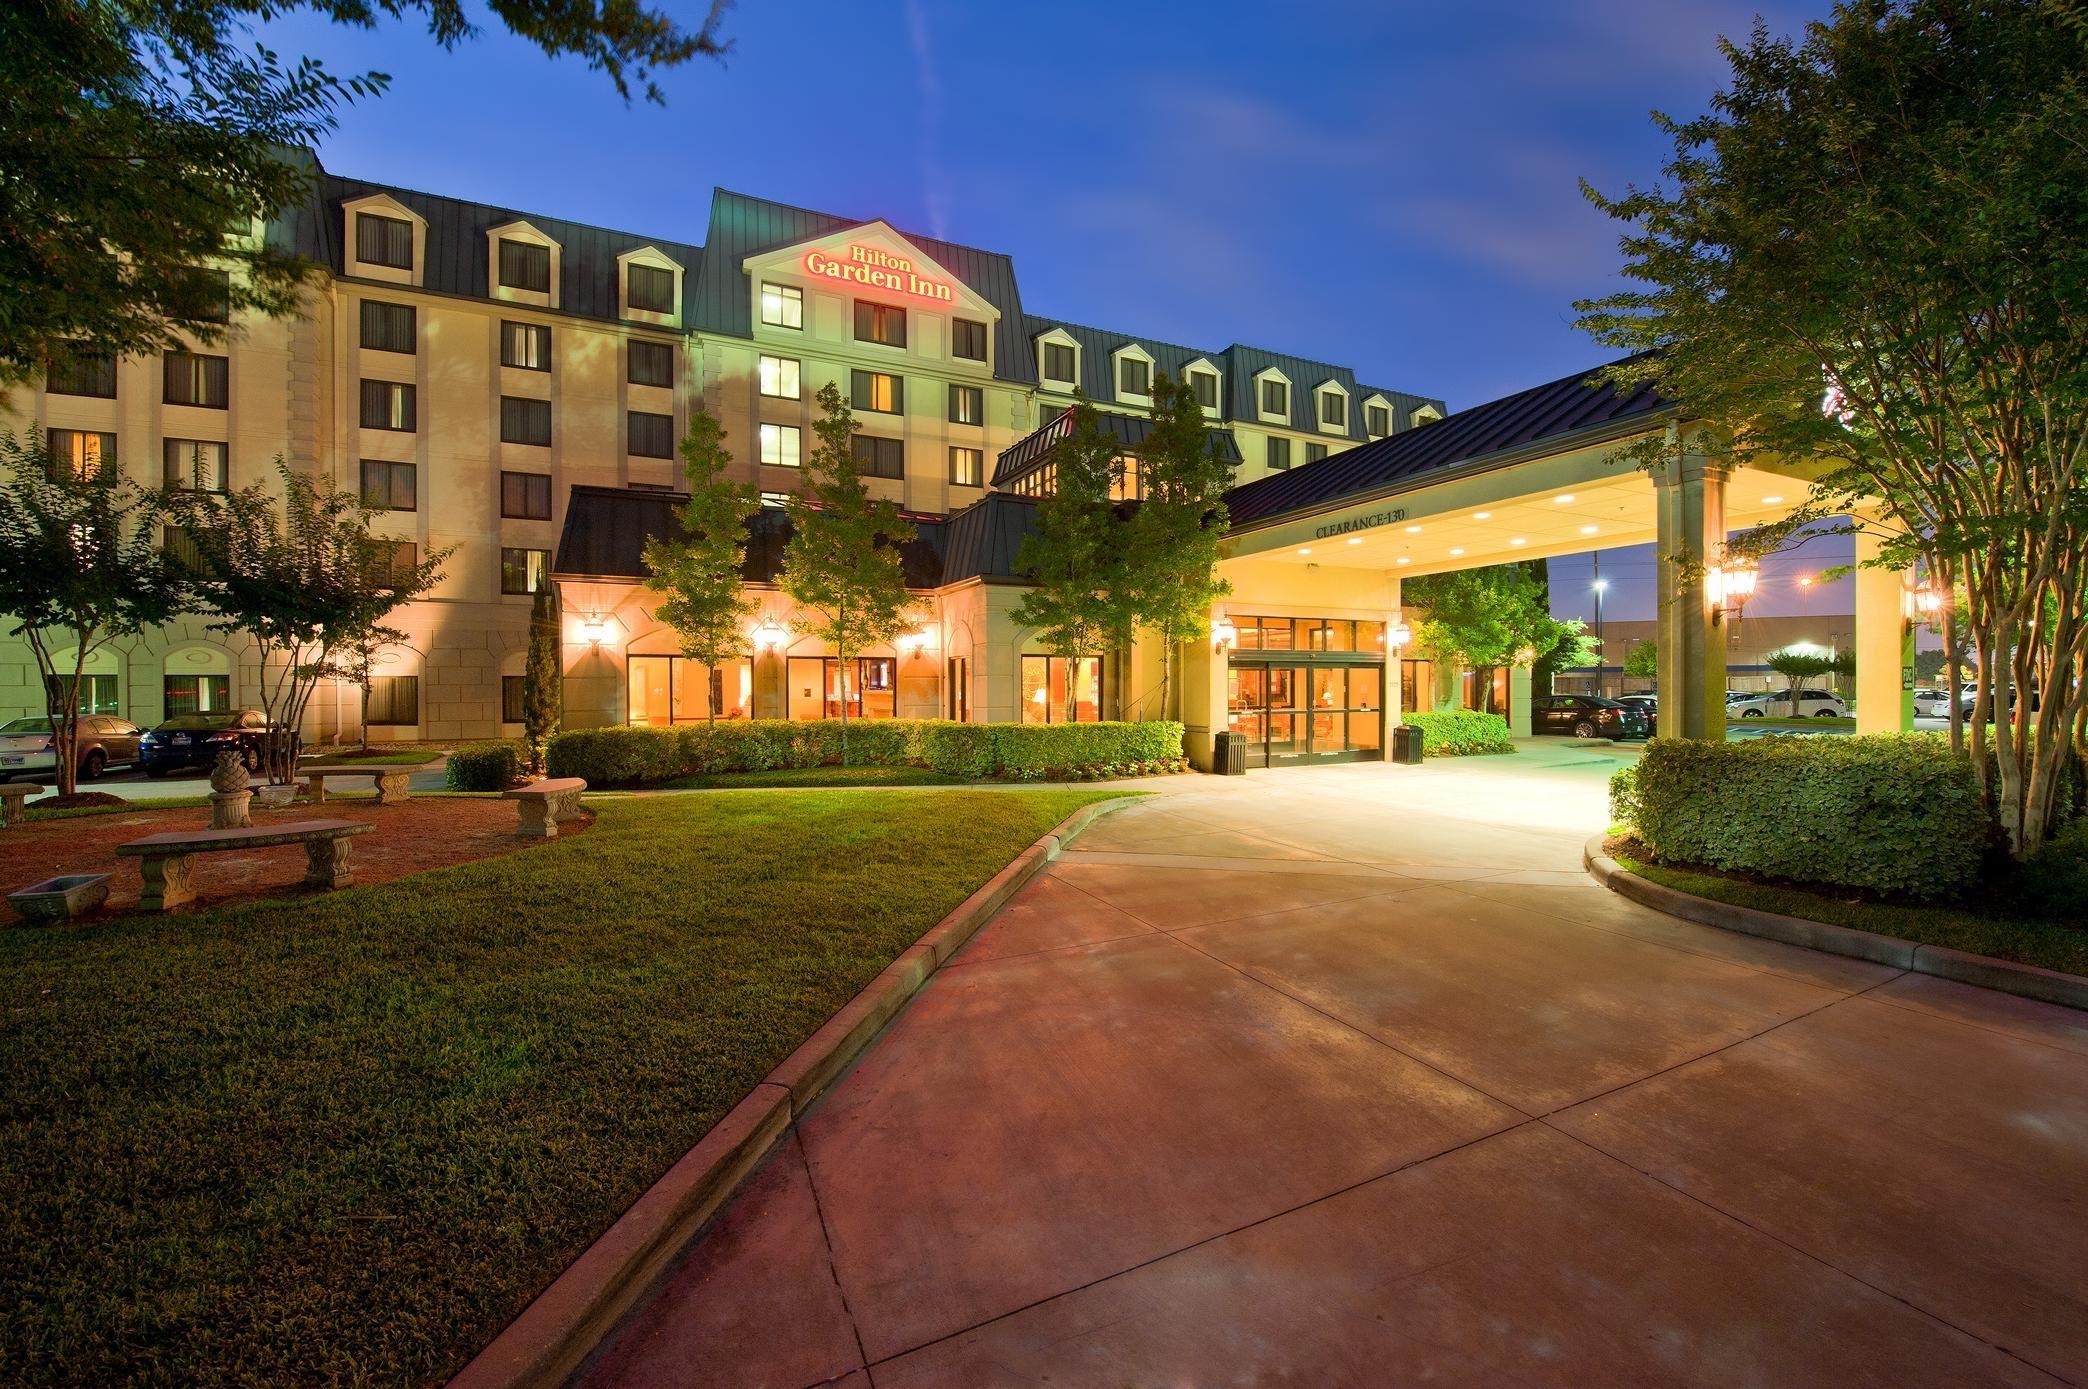 Hilton Garden Inn Houston NW/Willowbrook image 6